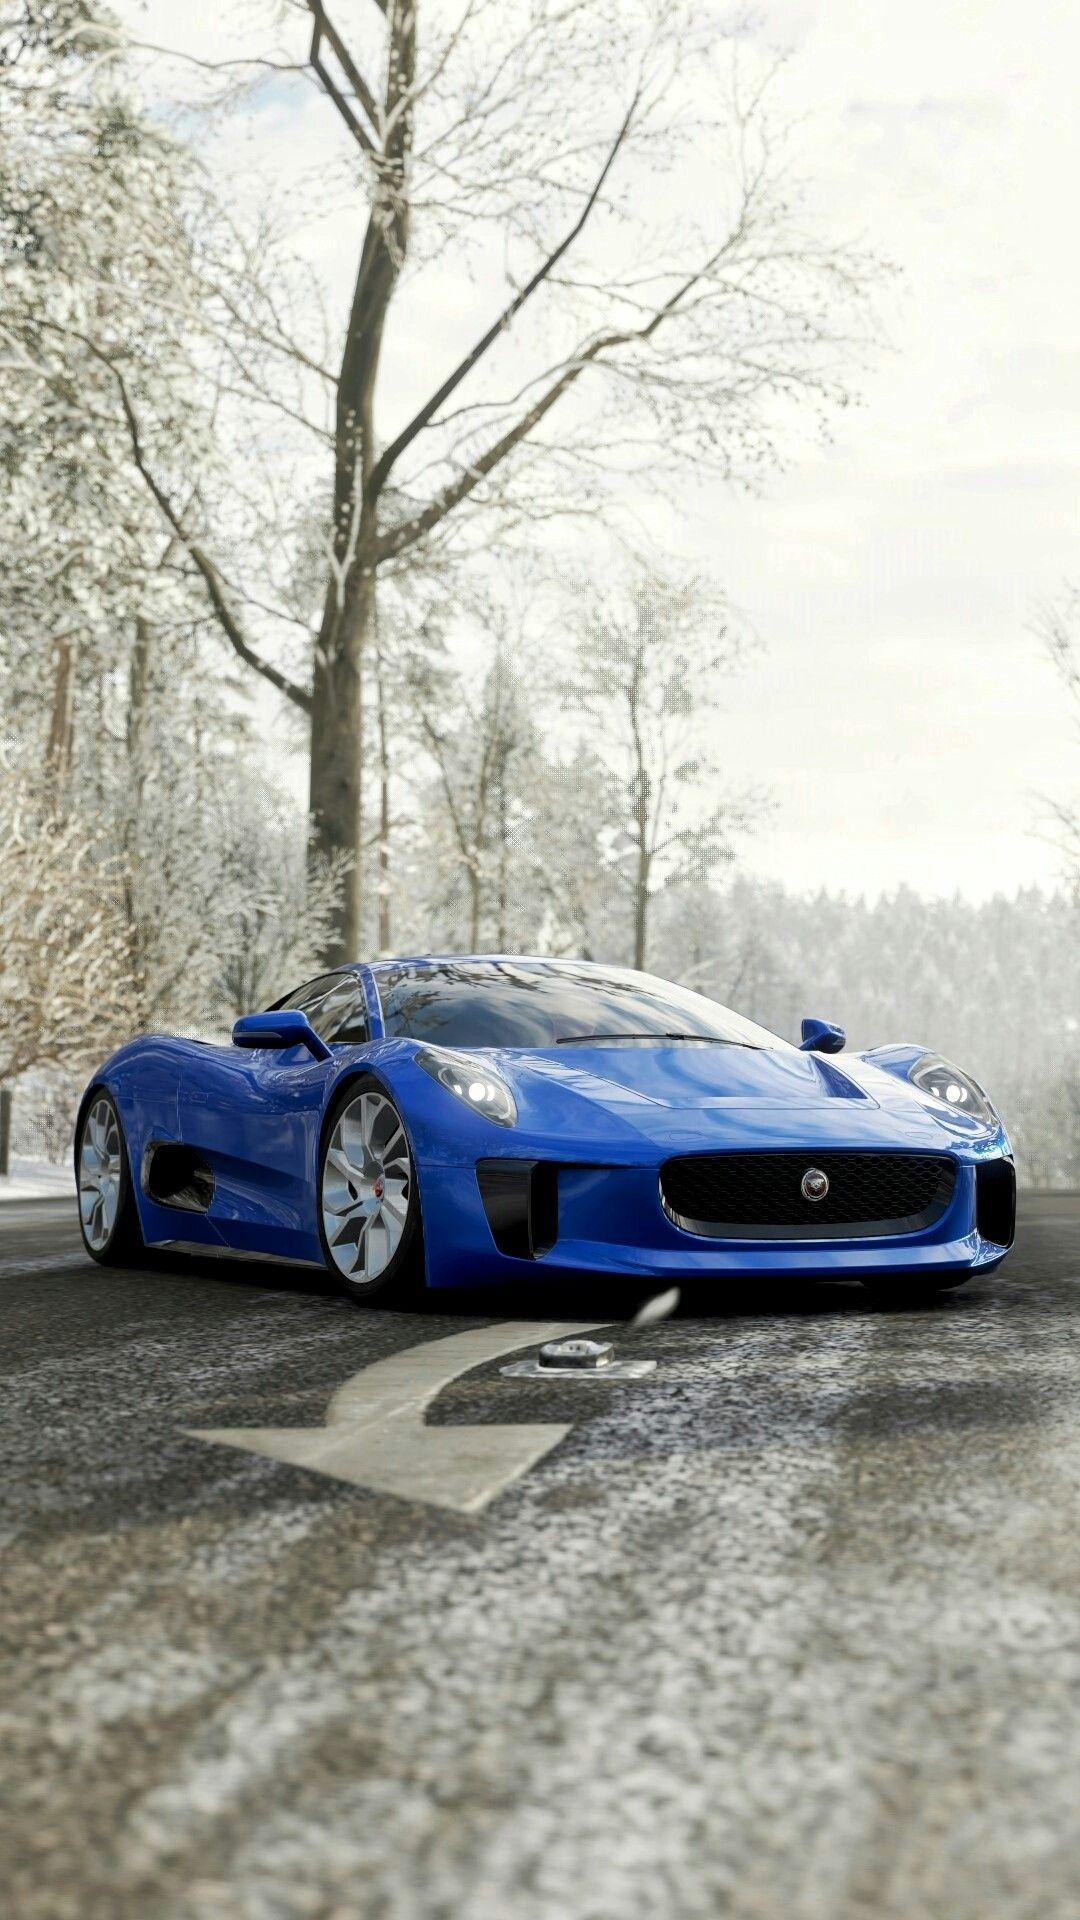 Jaguar car, Android wallpaper cars ...